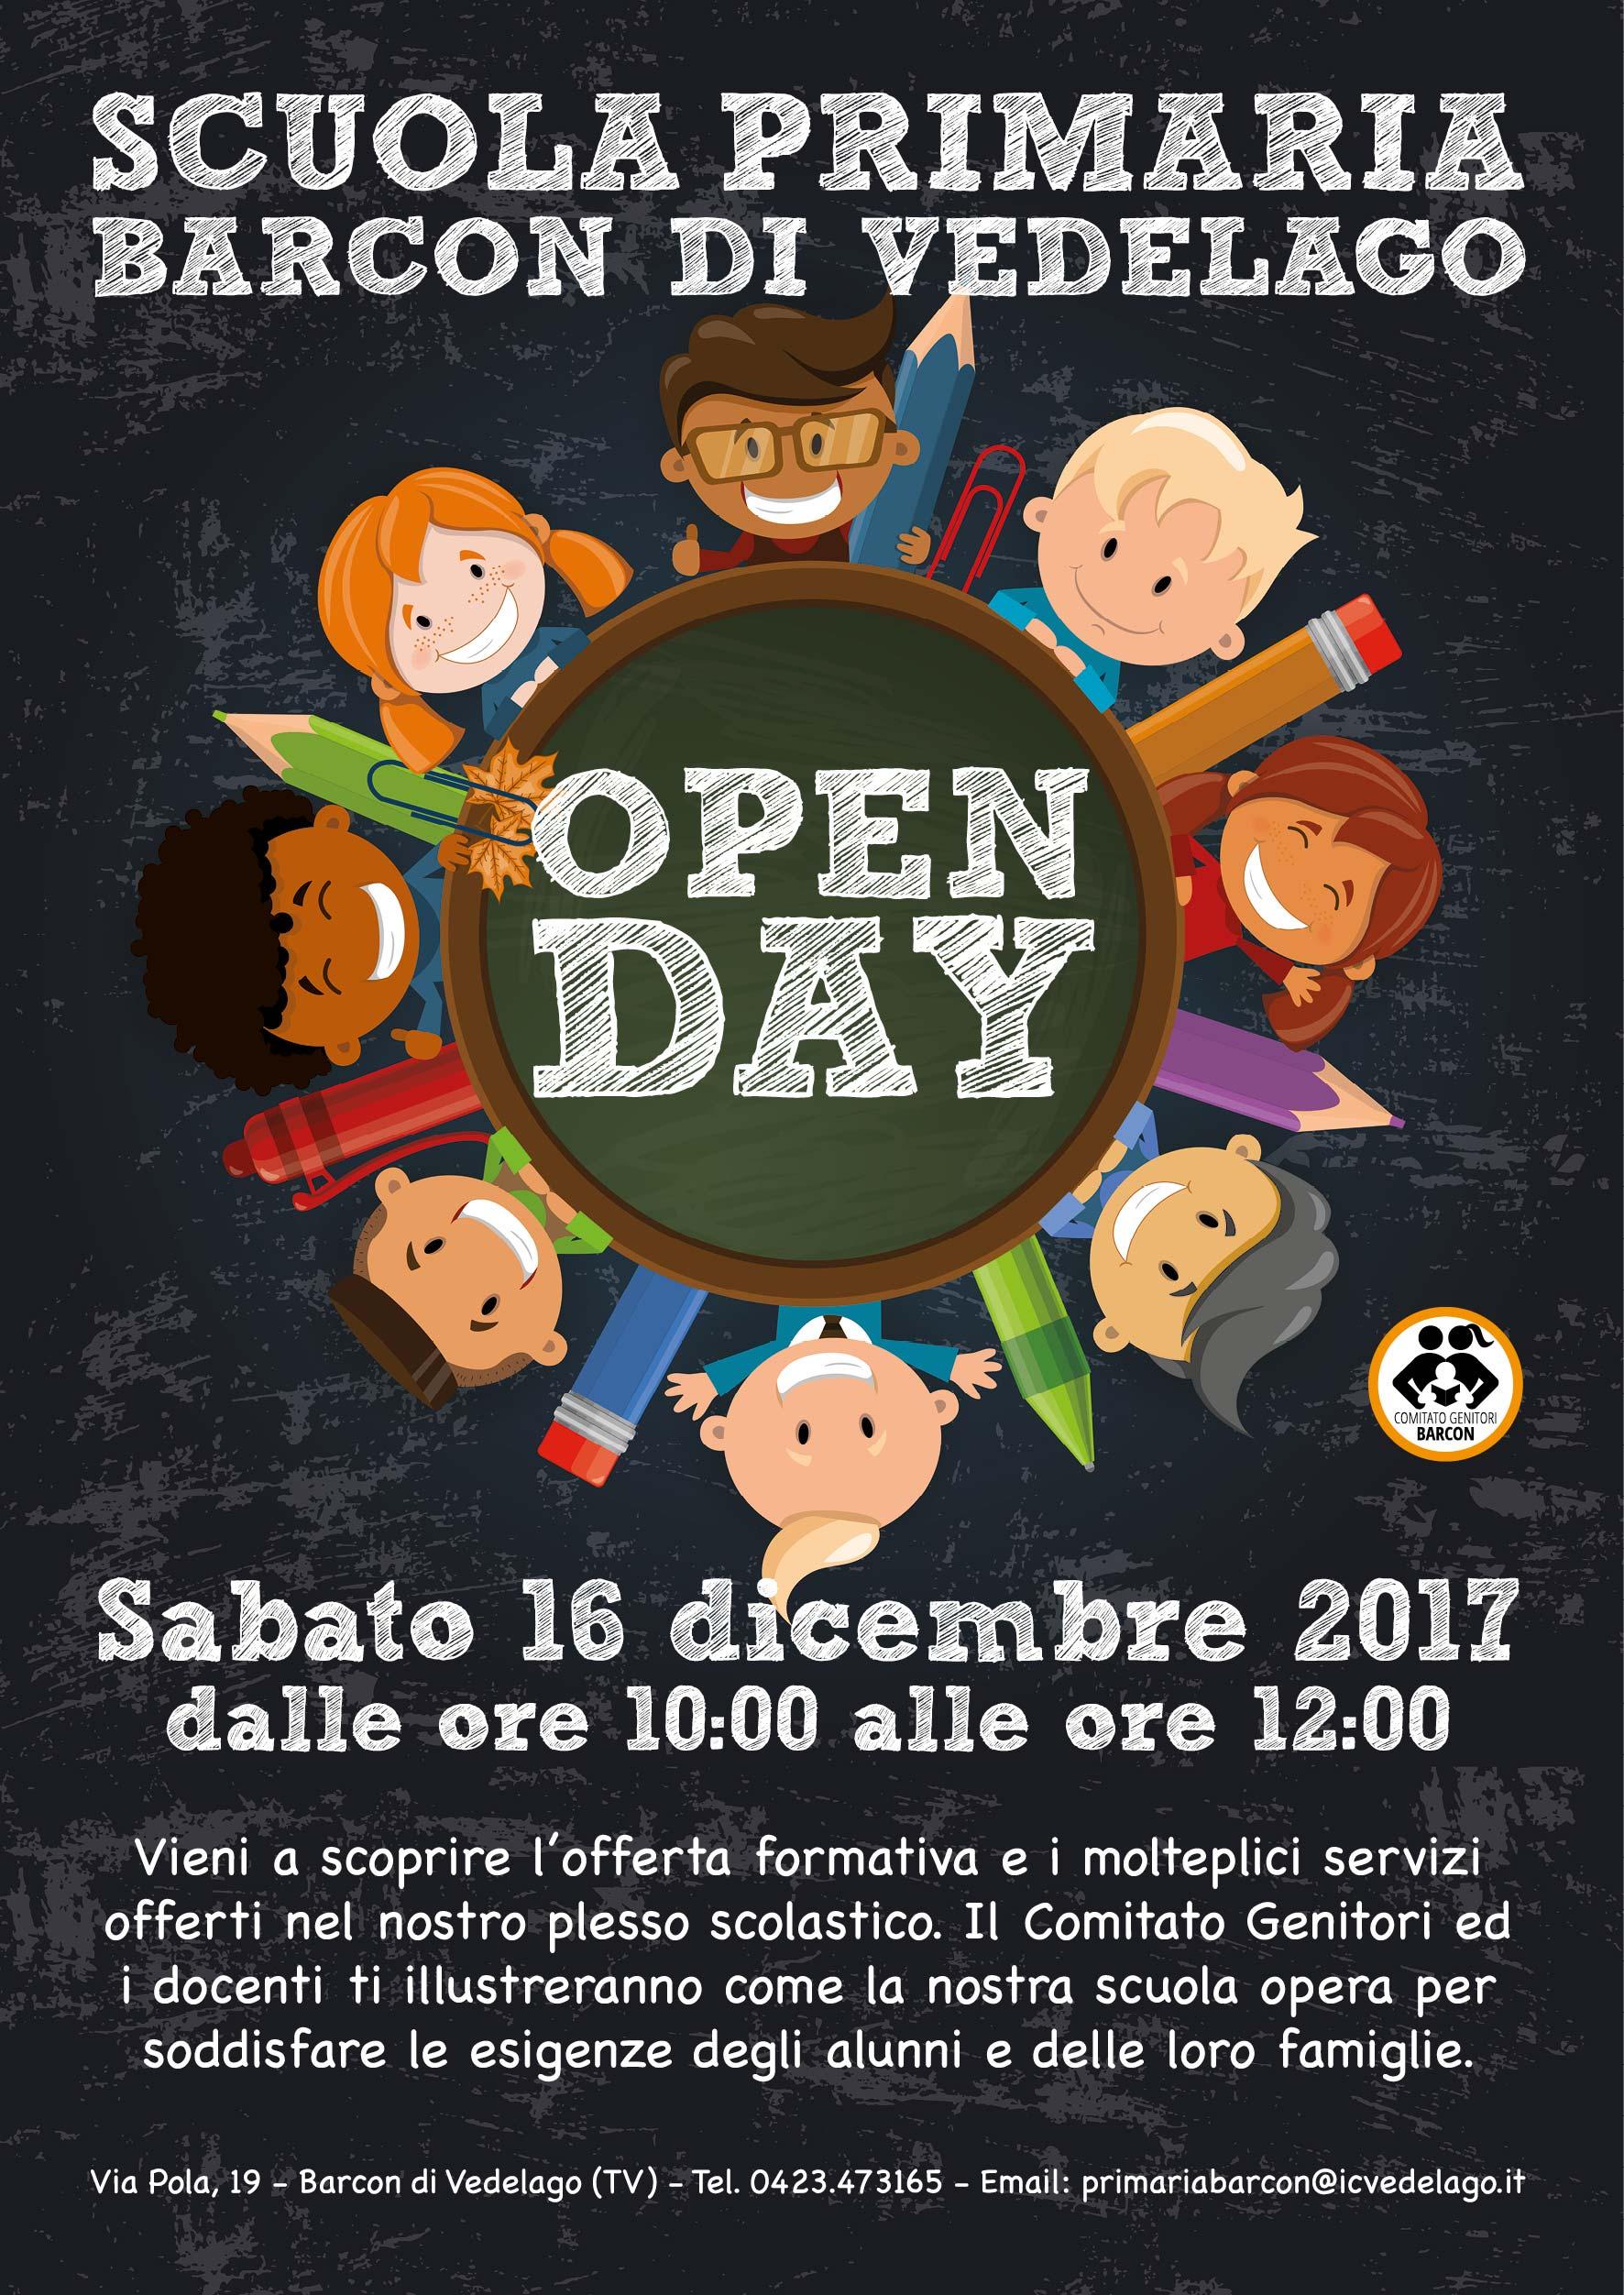 OPEN DAY – Scuola Primaria